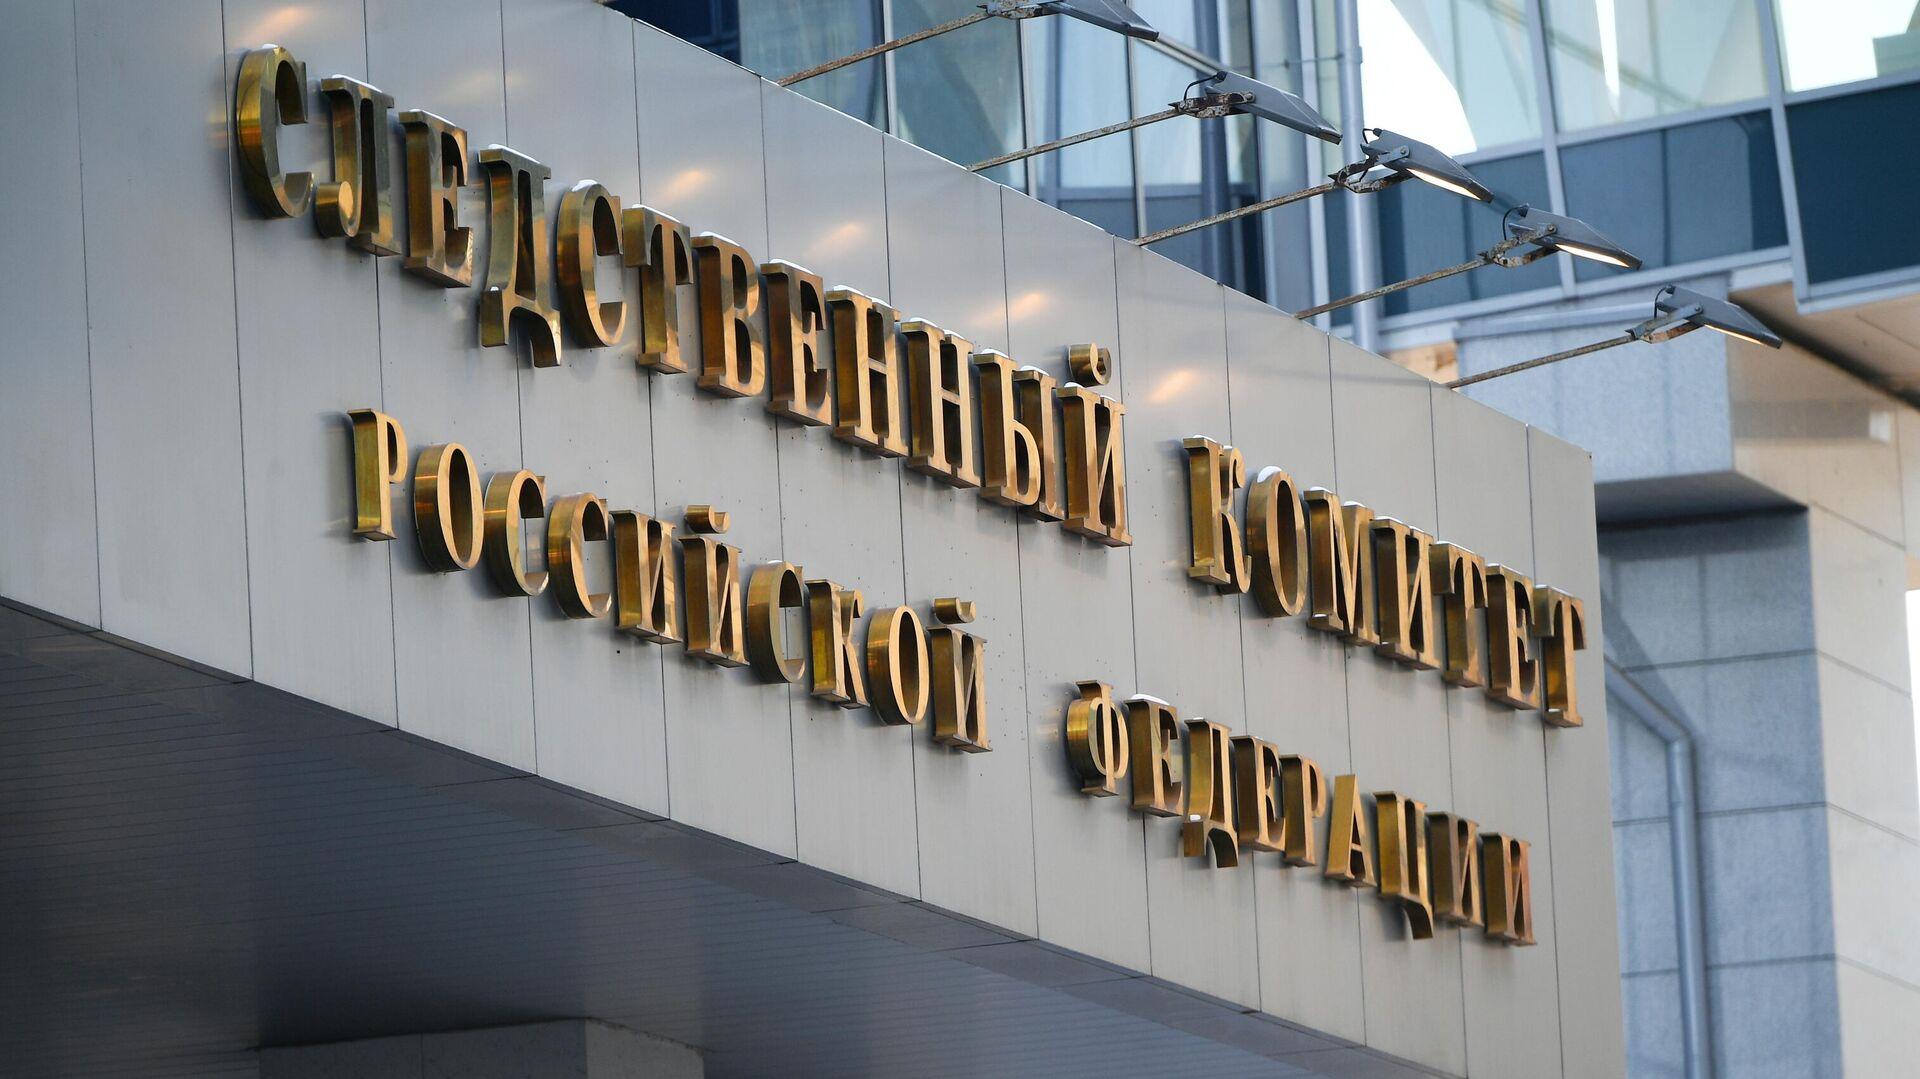 Следственный комитет Российской Федерации в Москве - РИА Новости, 1920, 25.02.2021